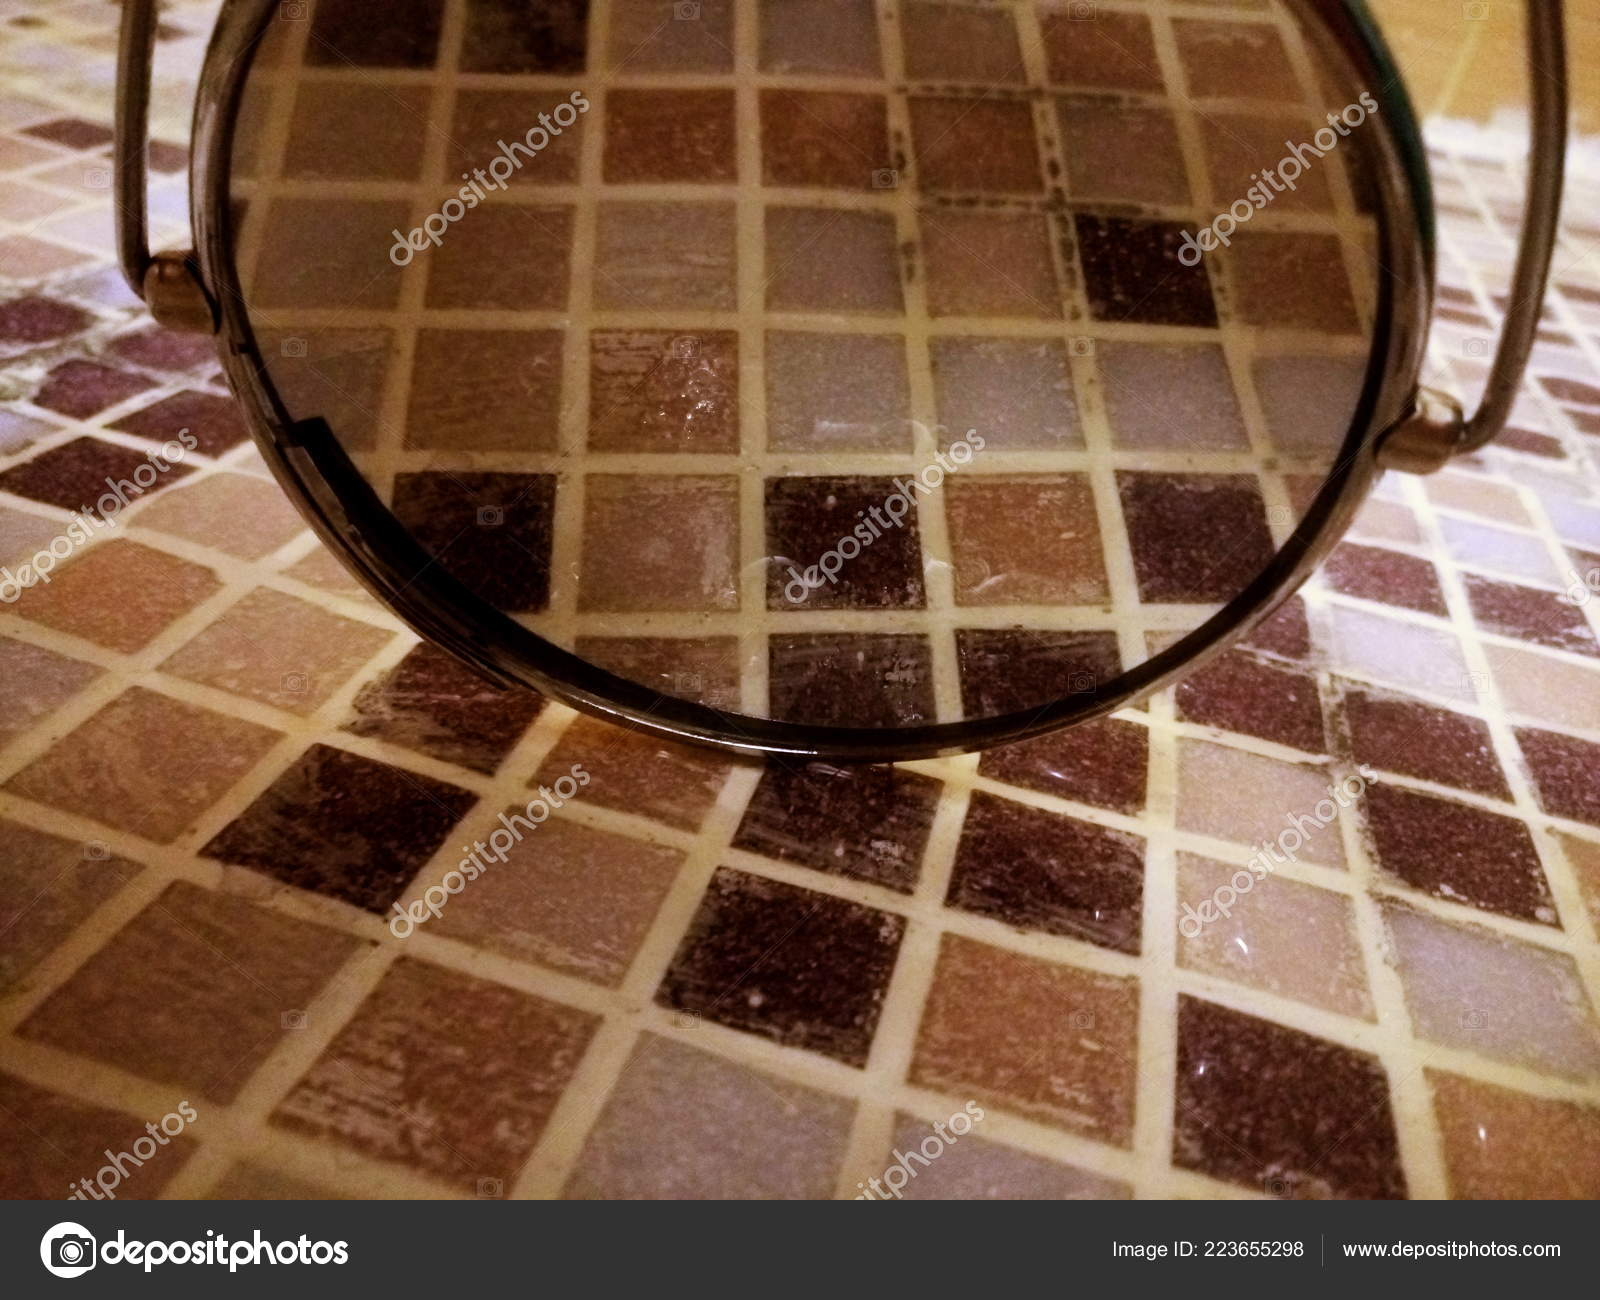 Tegola marrone mosaico bagno mattonelle piastrelle mosaico marrone